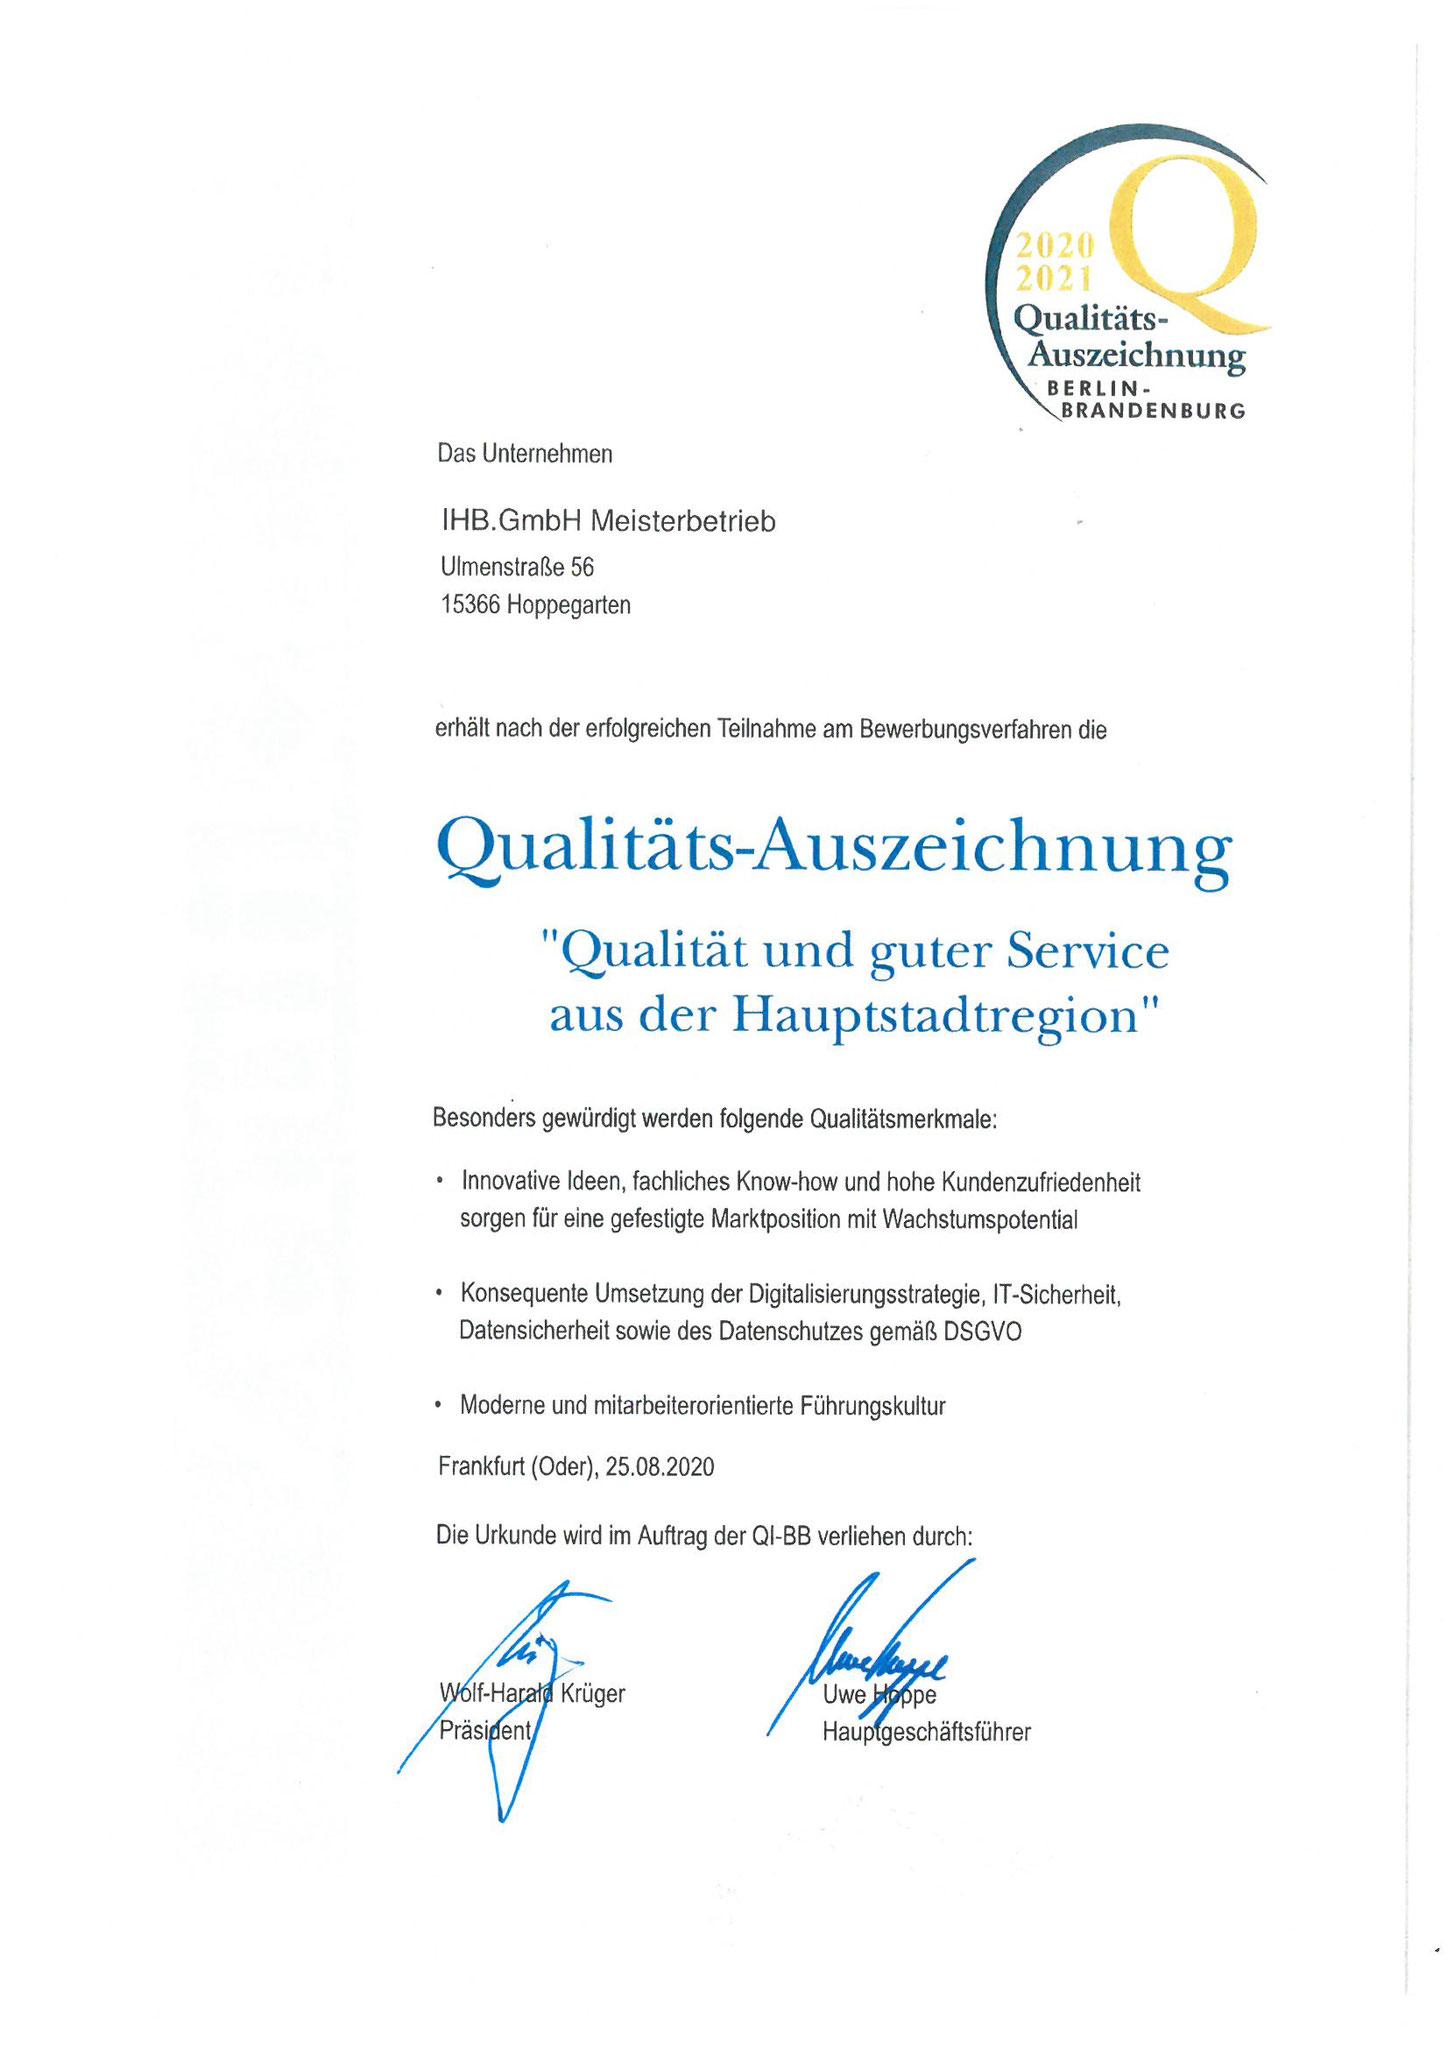 Qualitätsauszeichnung 2020/2021